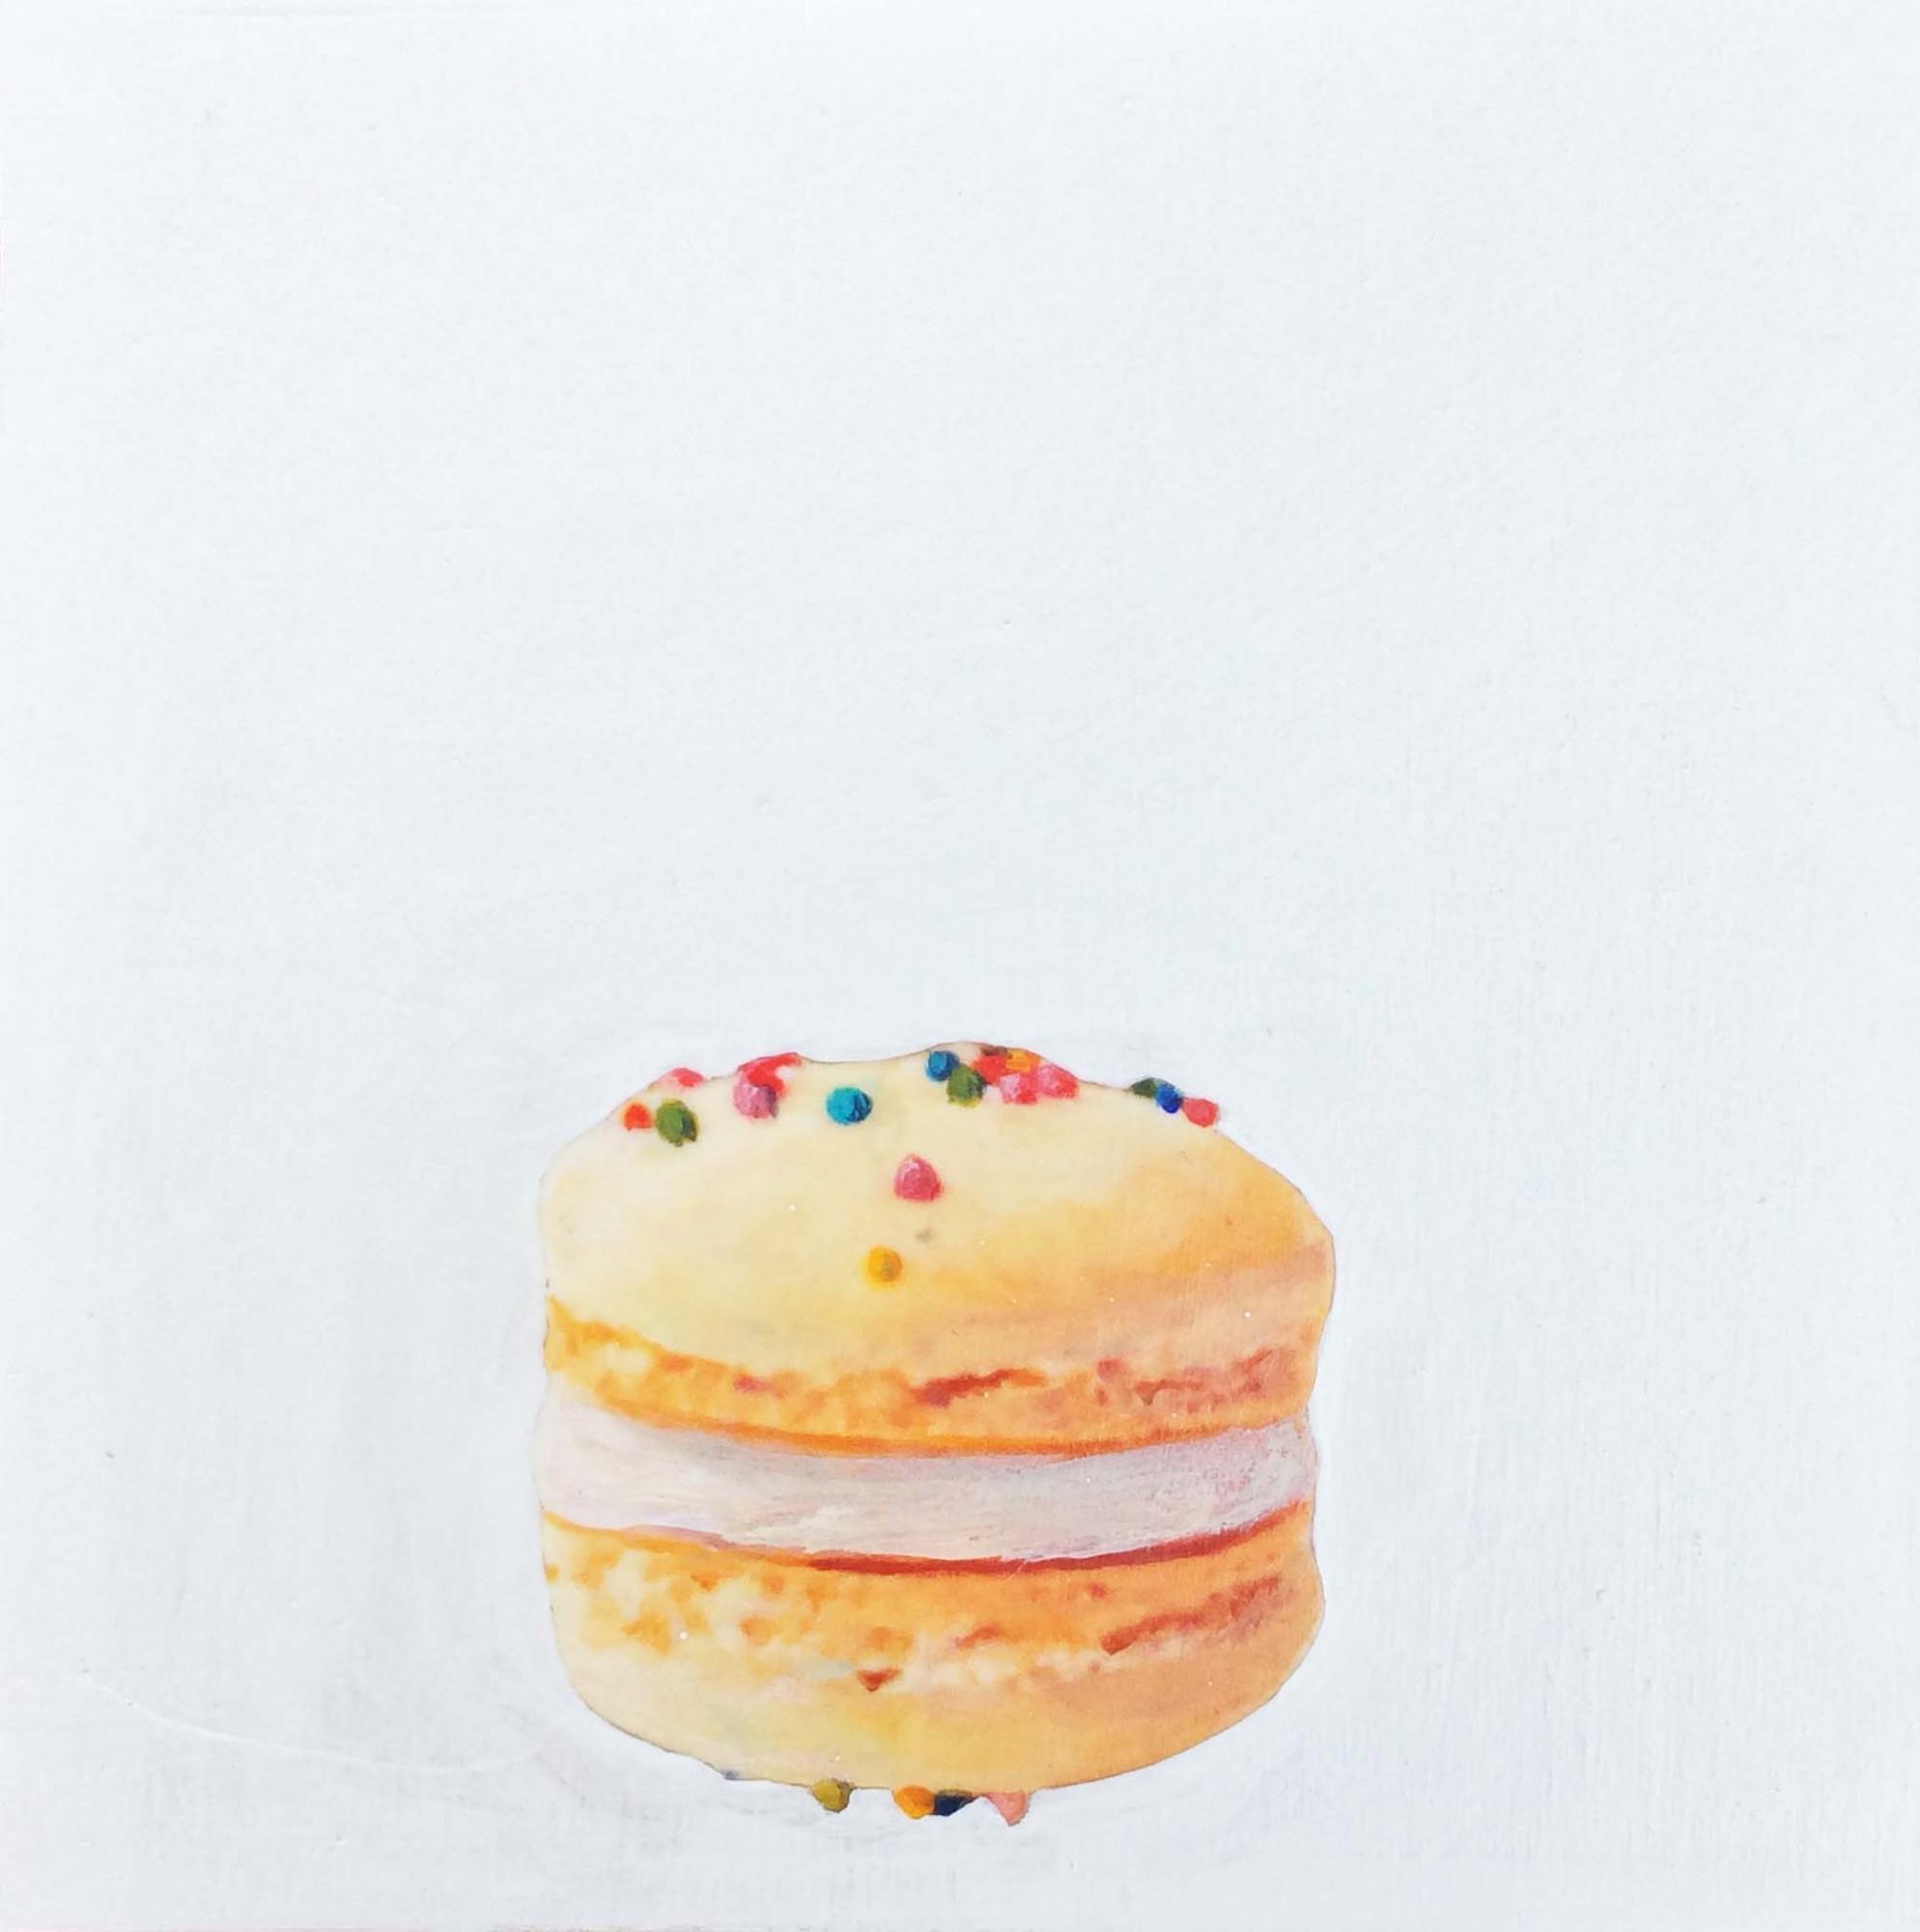 With Sprinkles  by EM Vincent